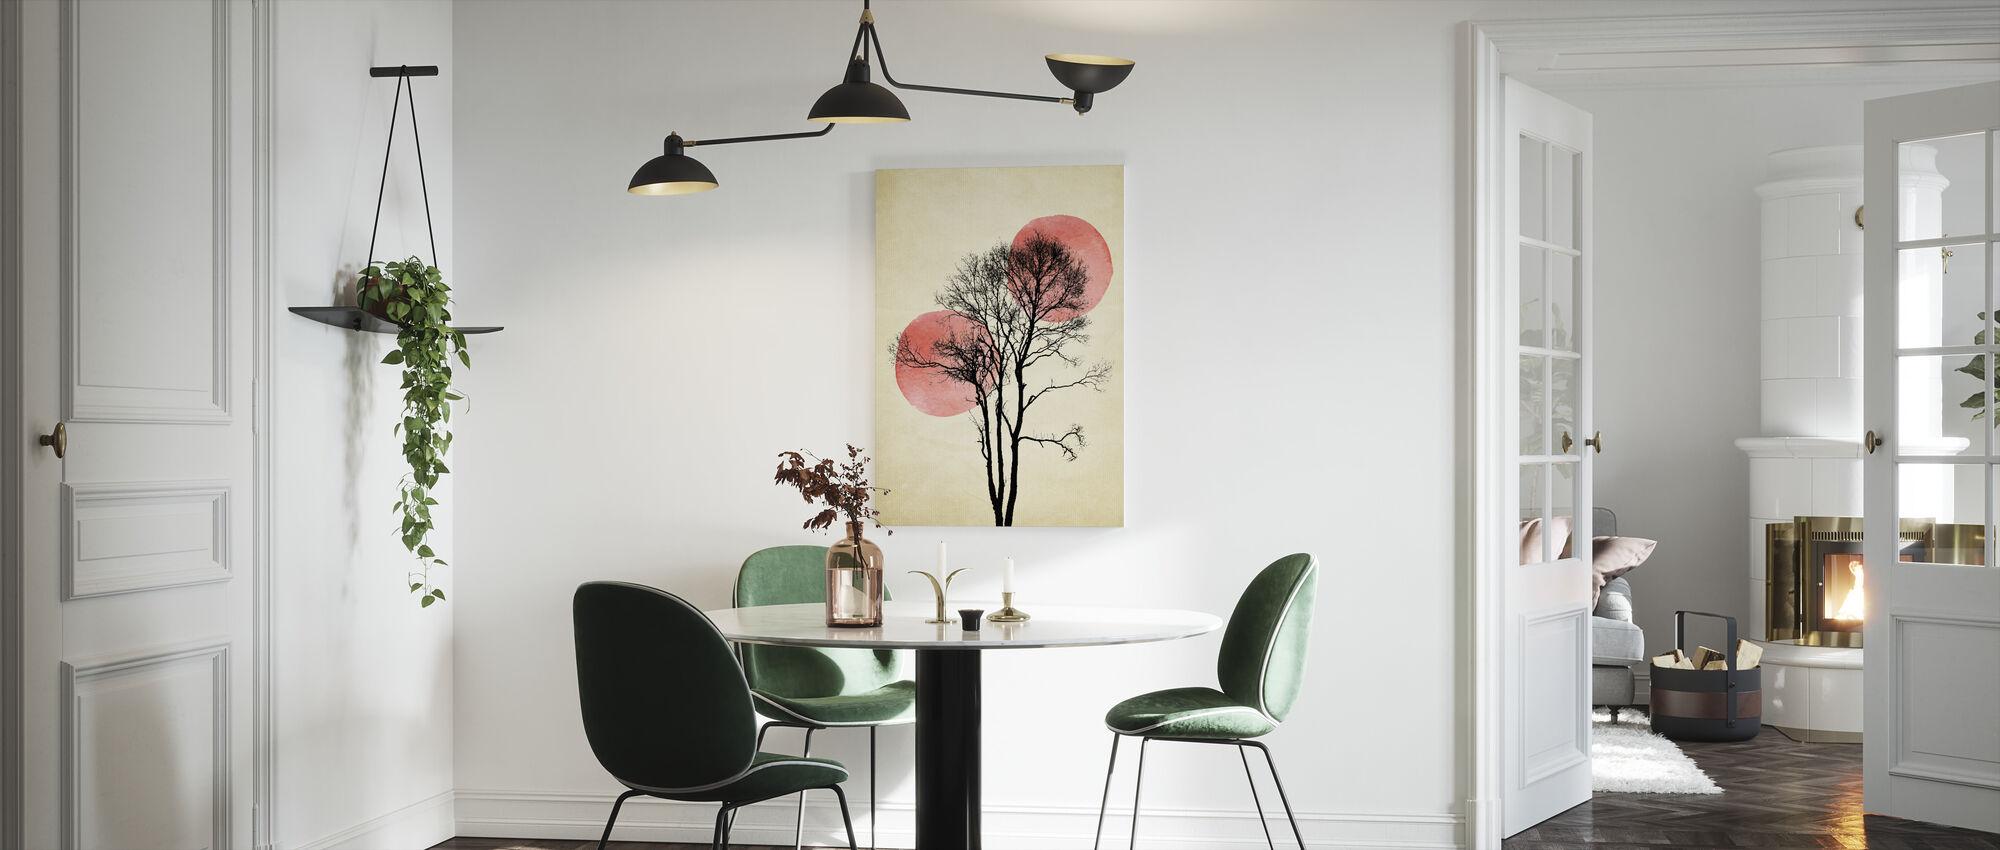 Zon en Maan Verbergen - Canvas print - Keuken